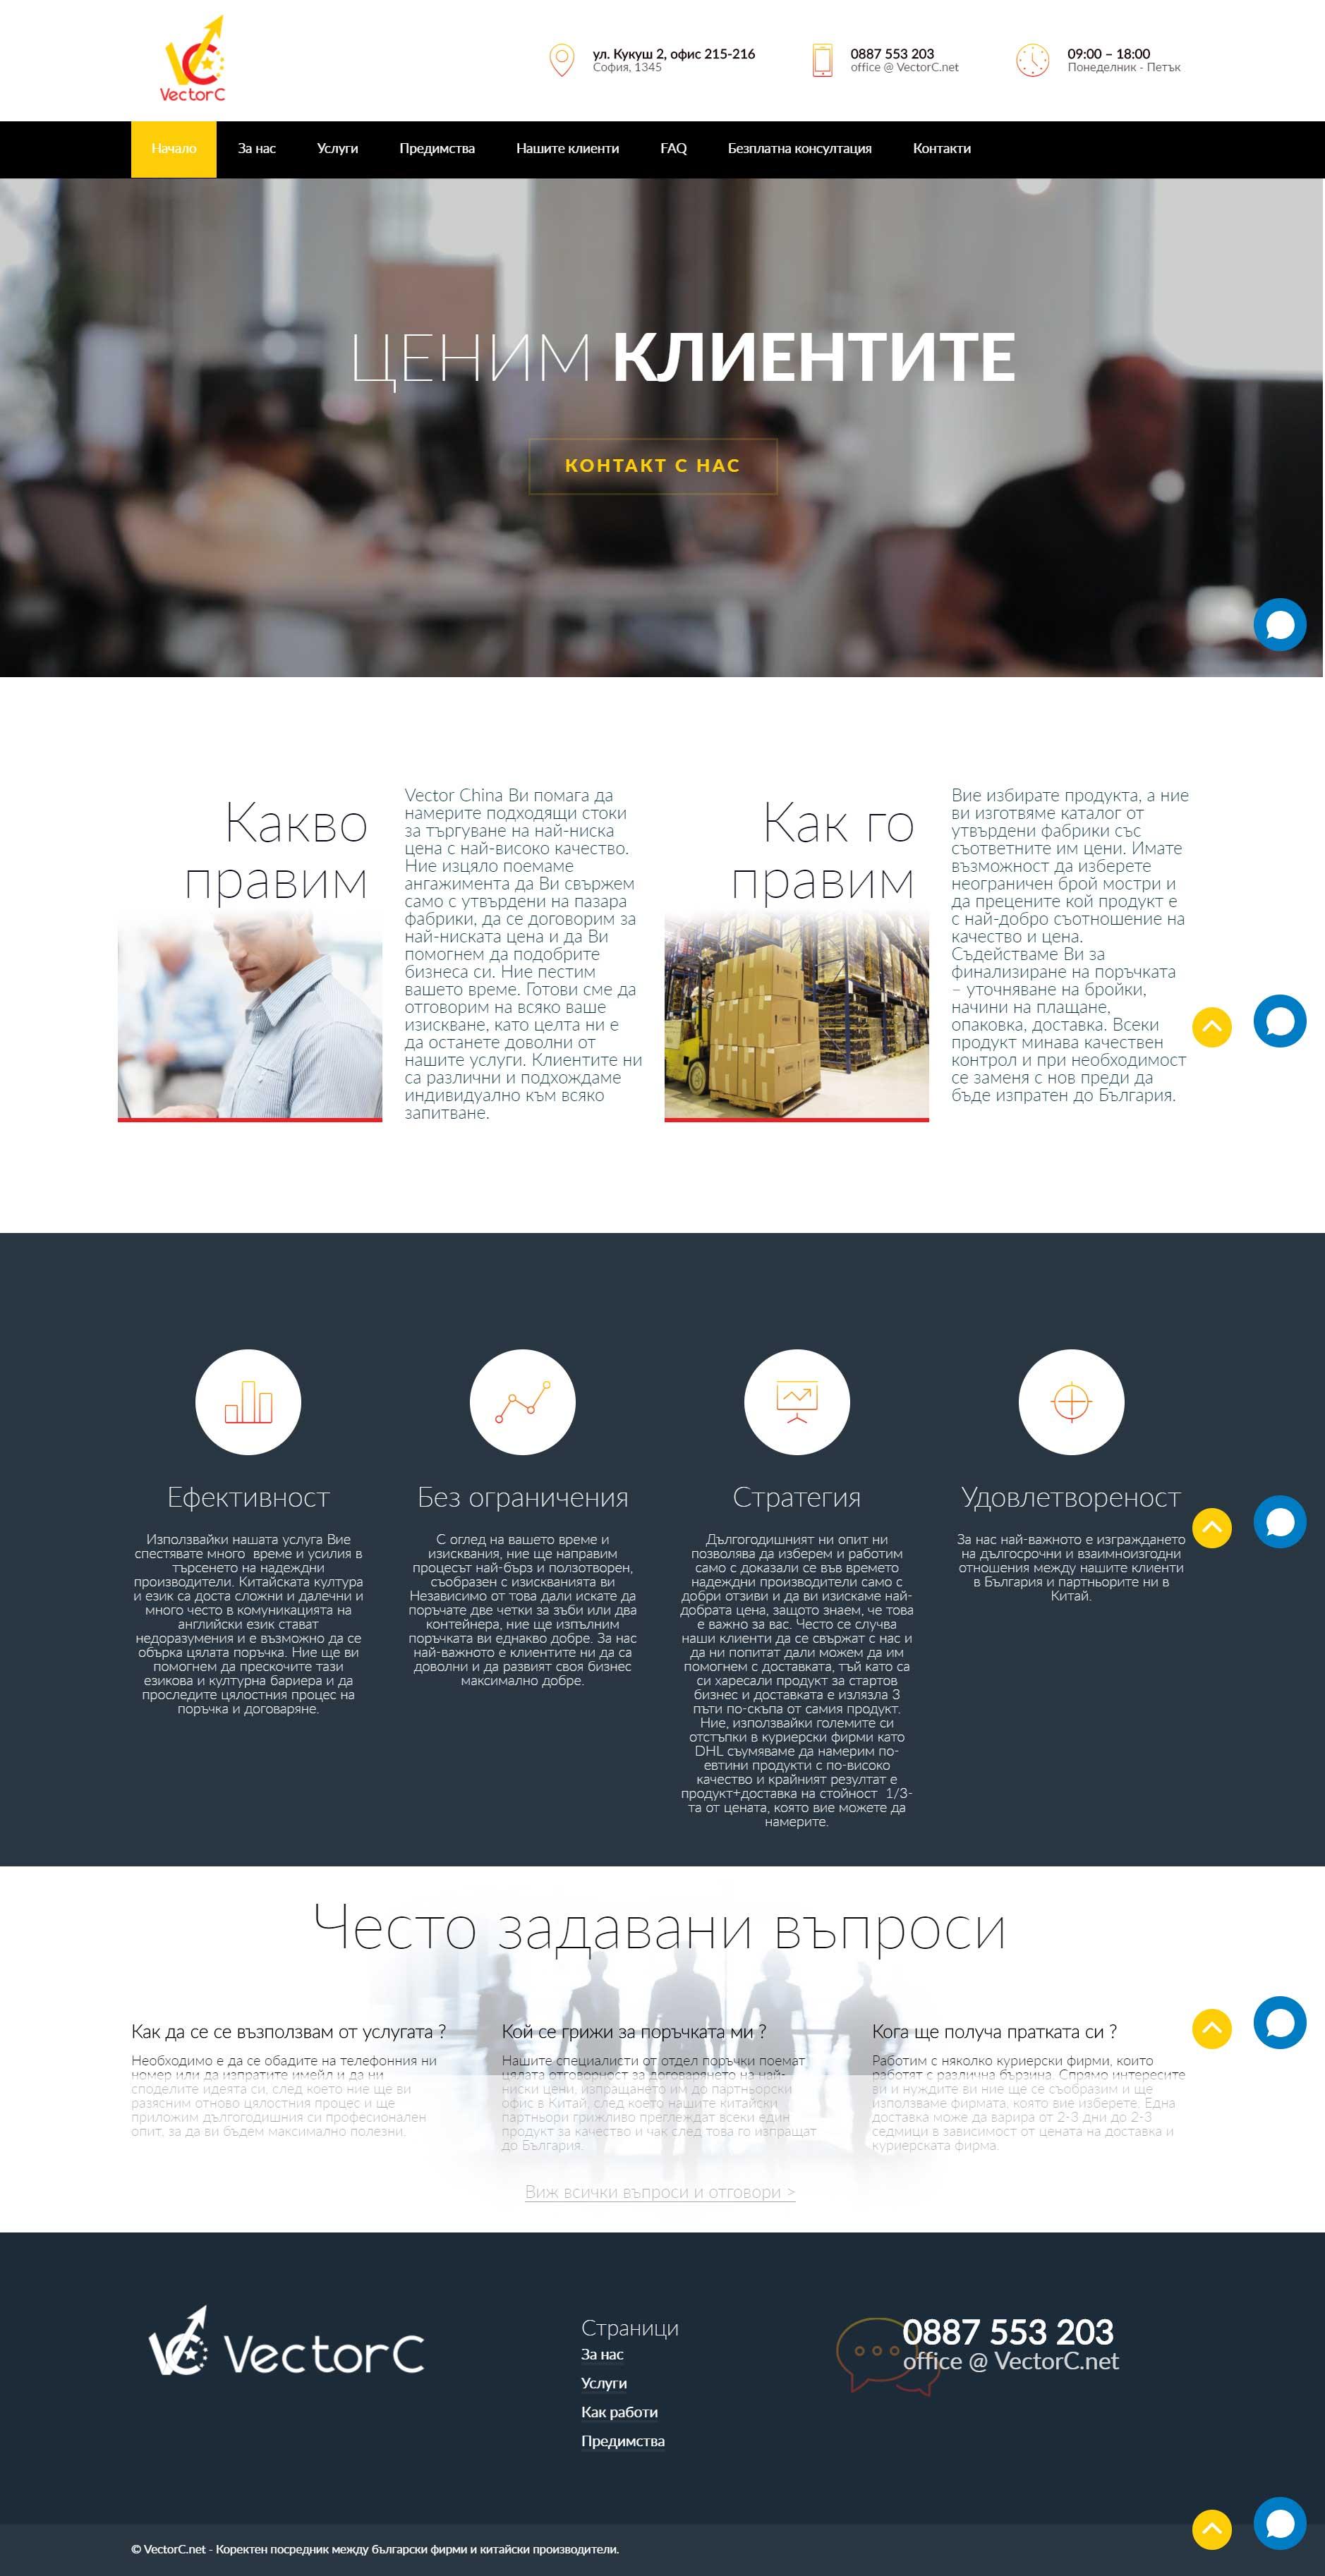 VectorC.net - корпоративен уеб сайт - Коректен посредник между български фирми и китайски производители